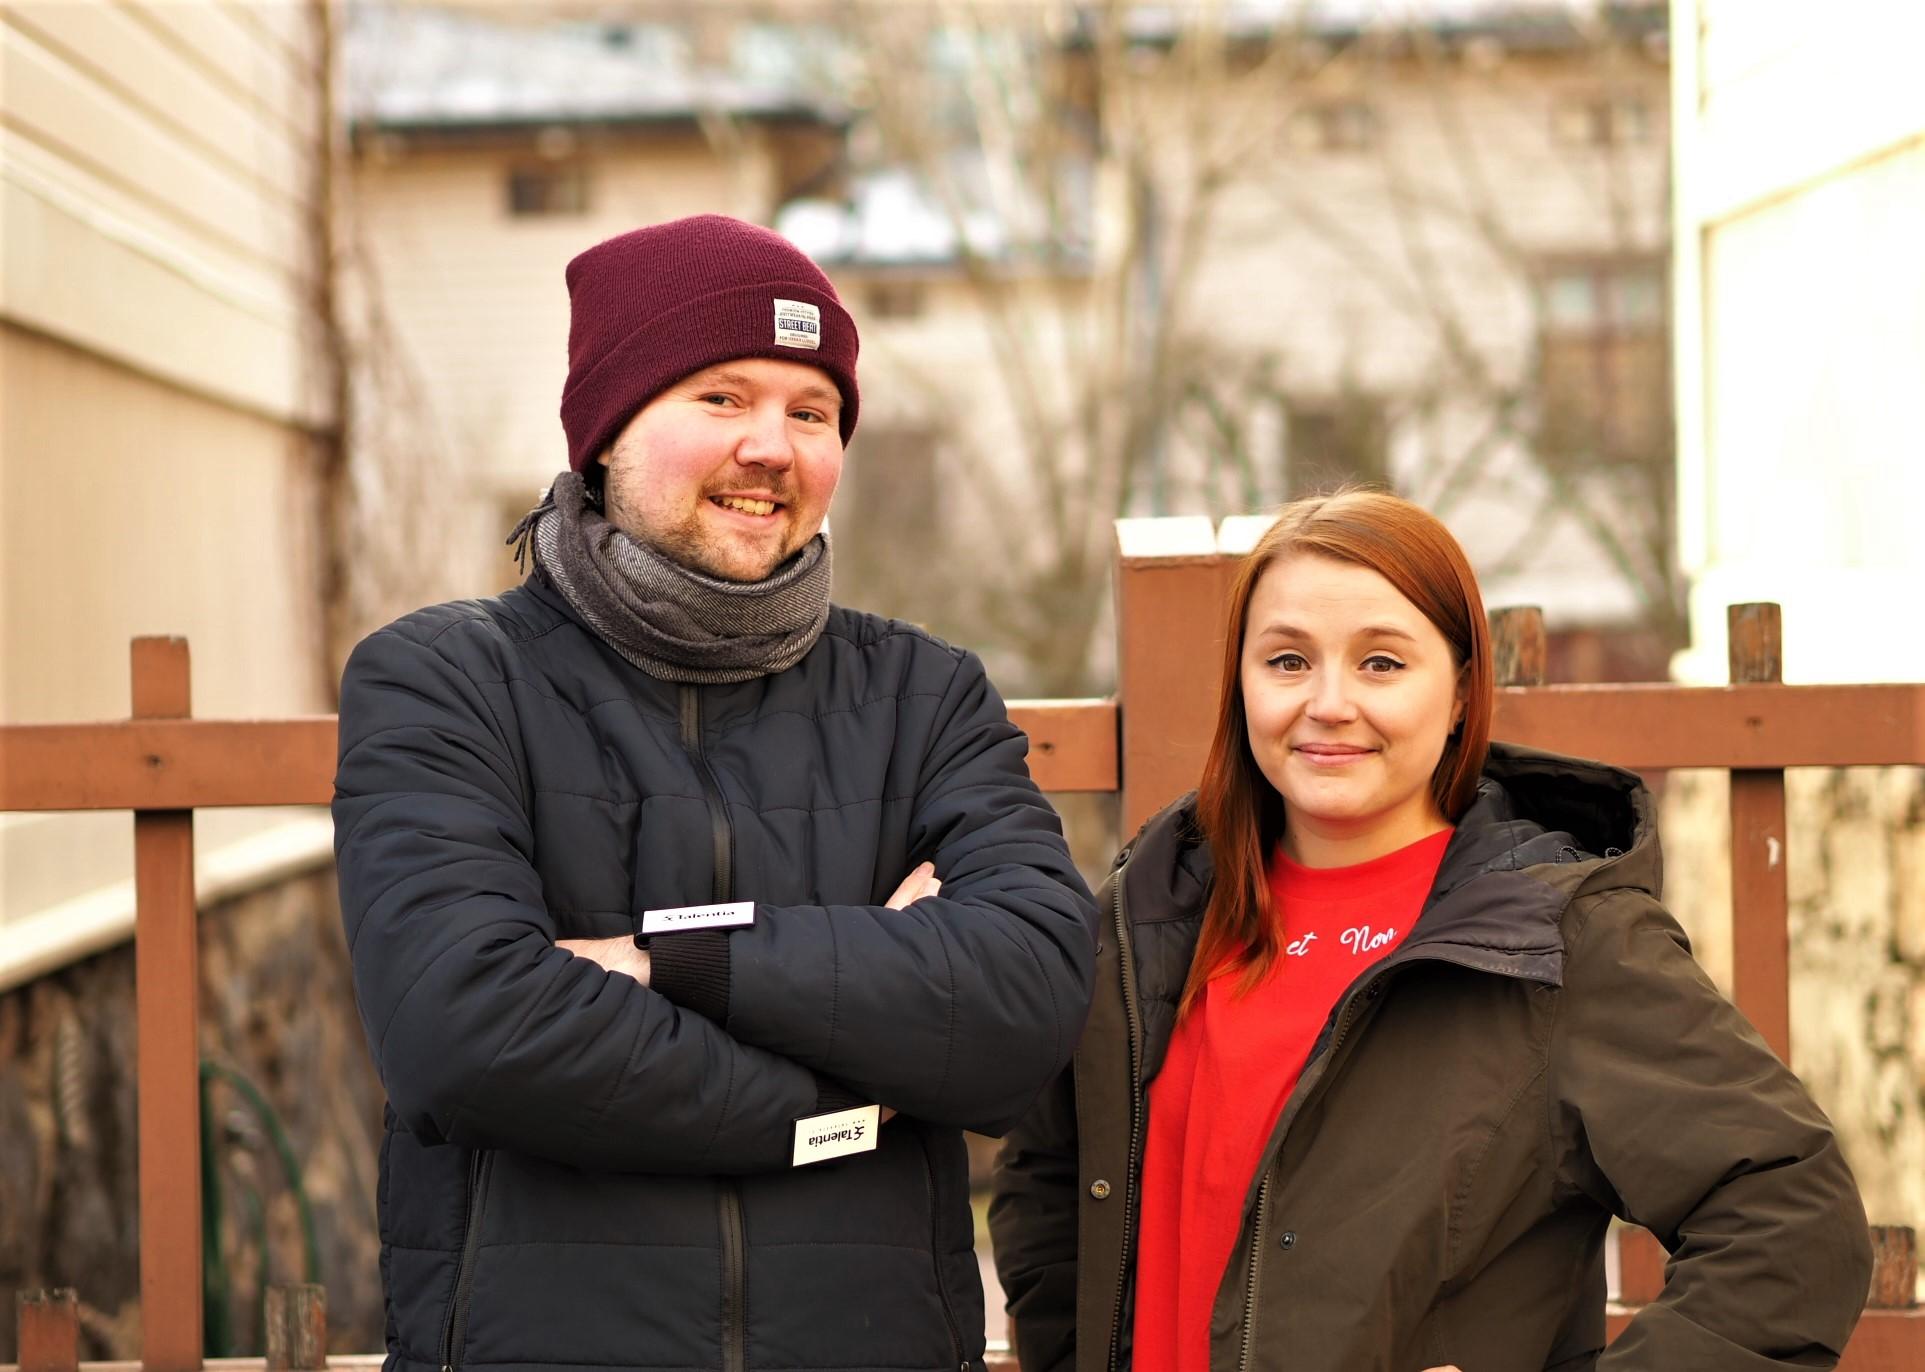 Touko ja Siiri seisovat talvivaatteet päällä puisen portin edessä aurinkoisessa säässä.